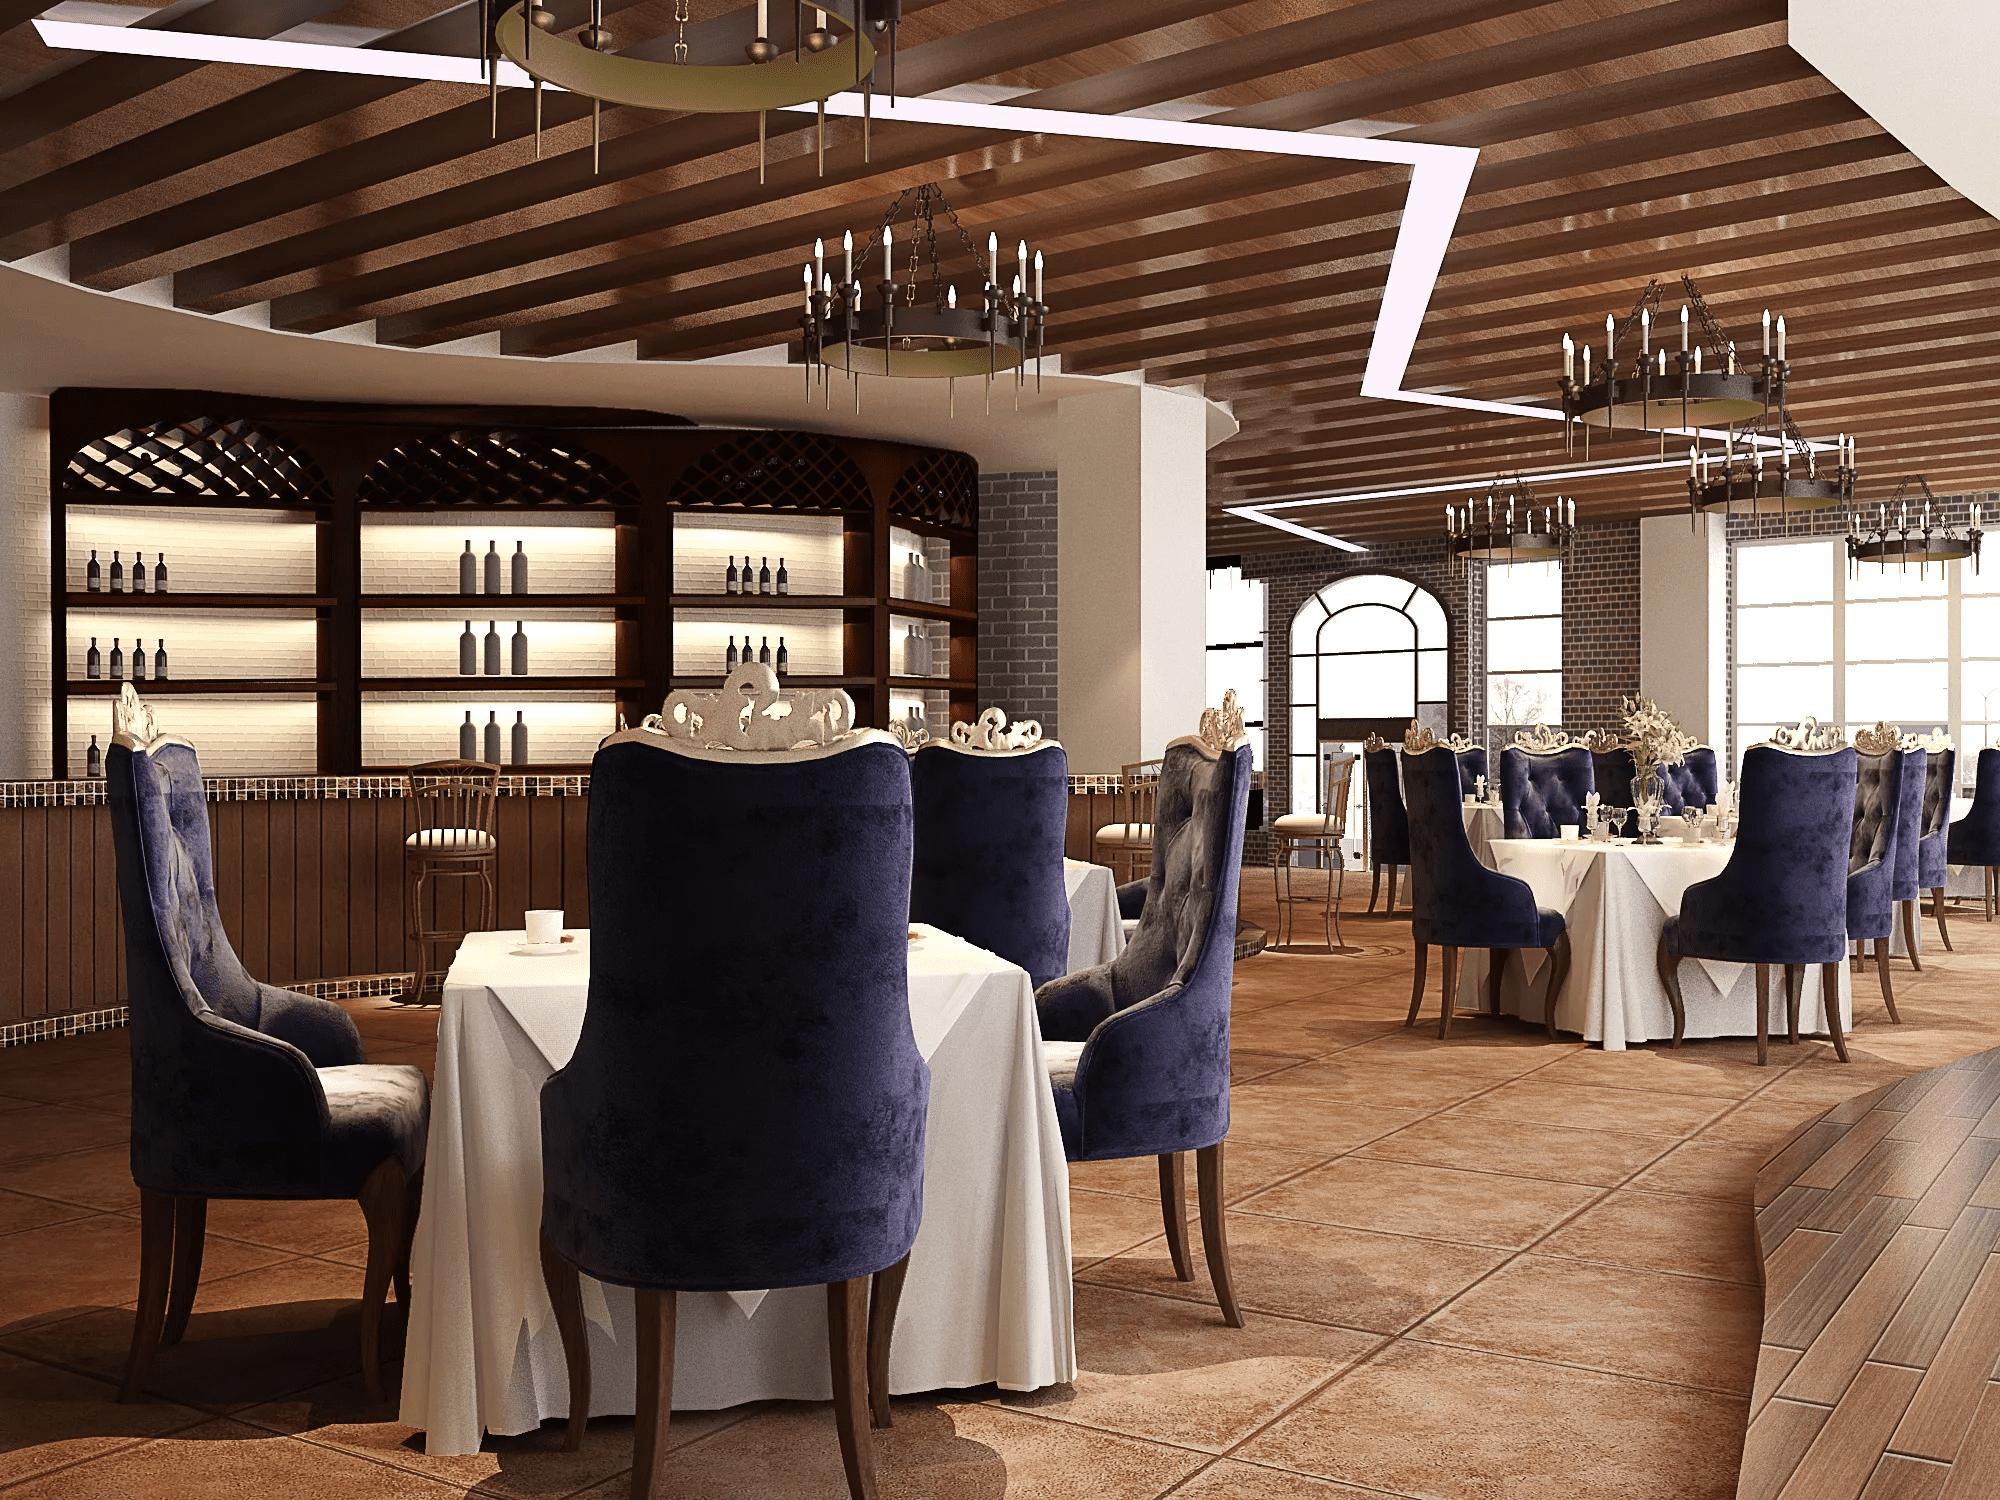 Inside an elegant restaurant